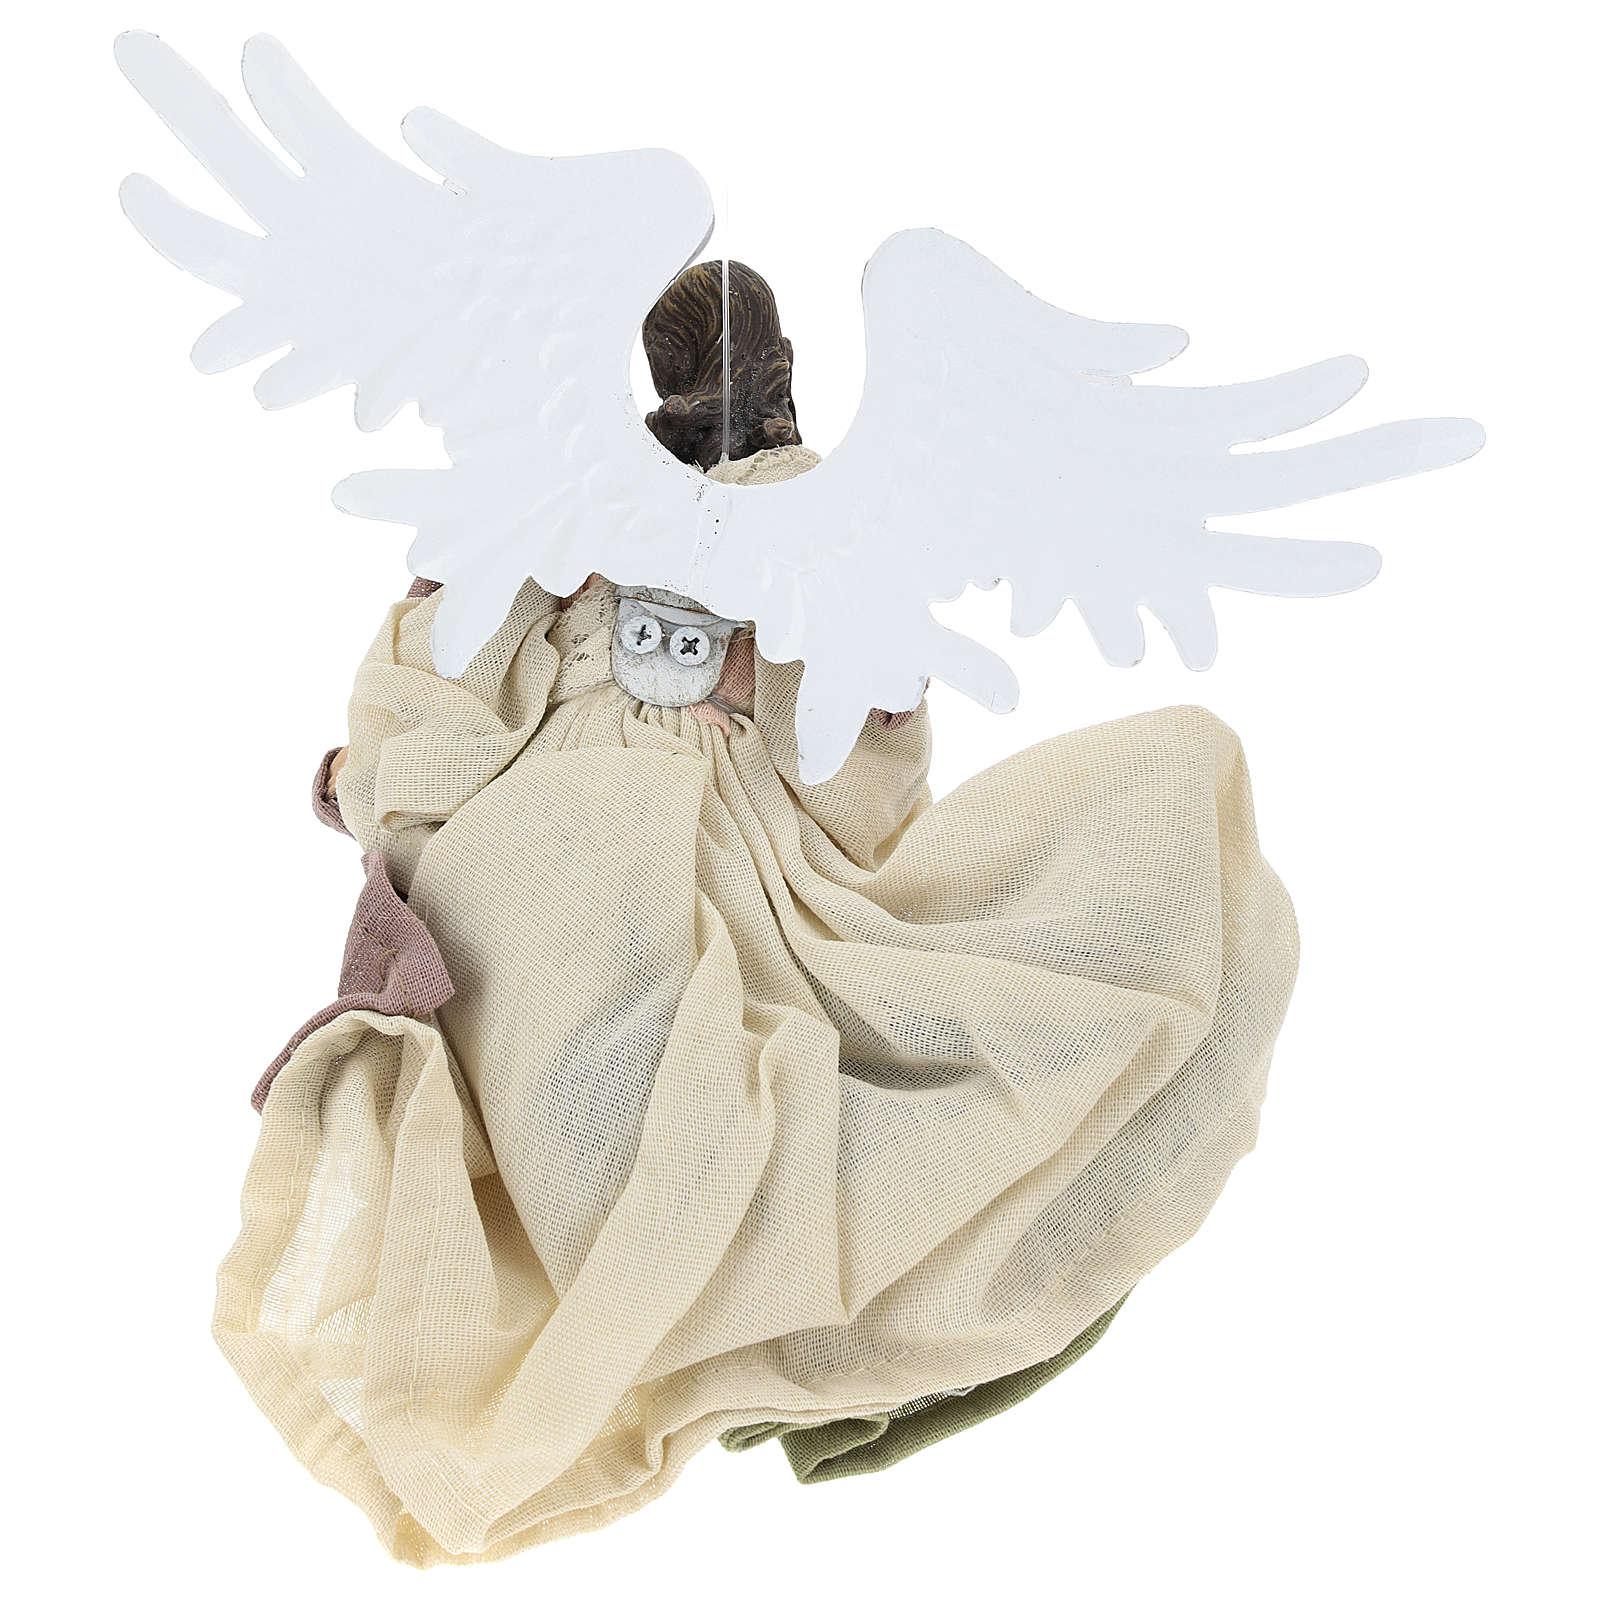 Ángel que vuela resina con mirada hacia la derecha 3